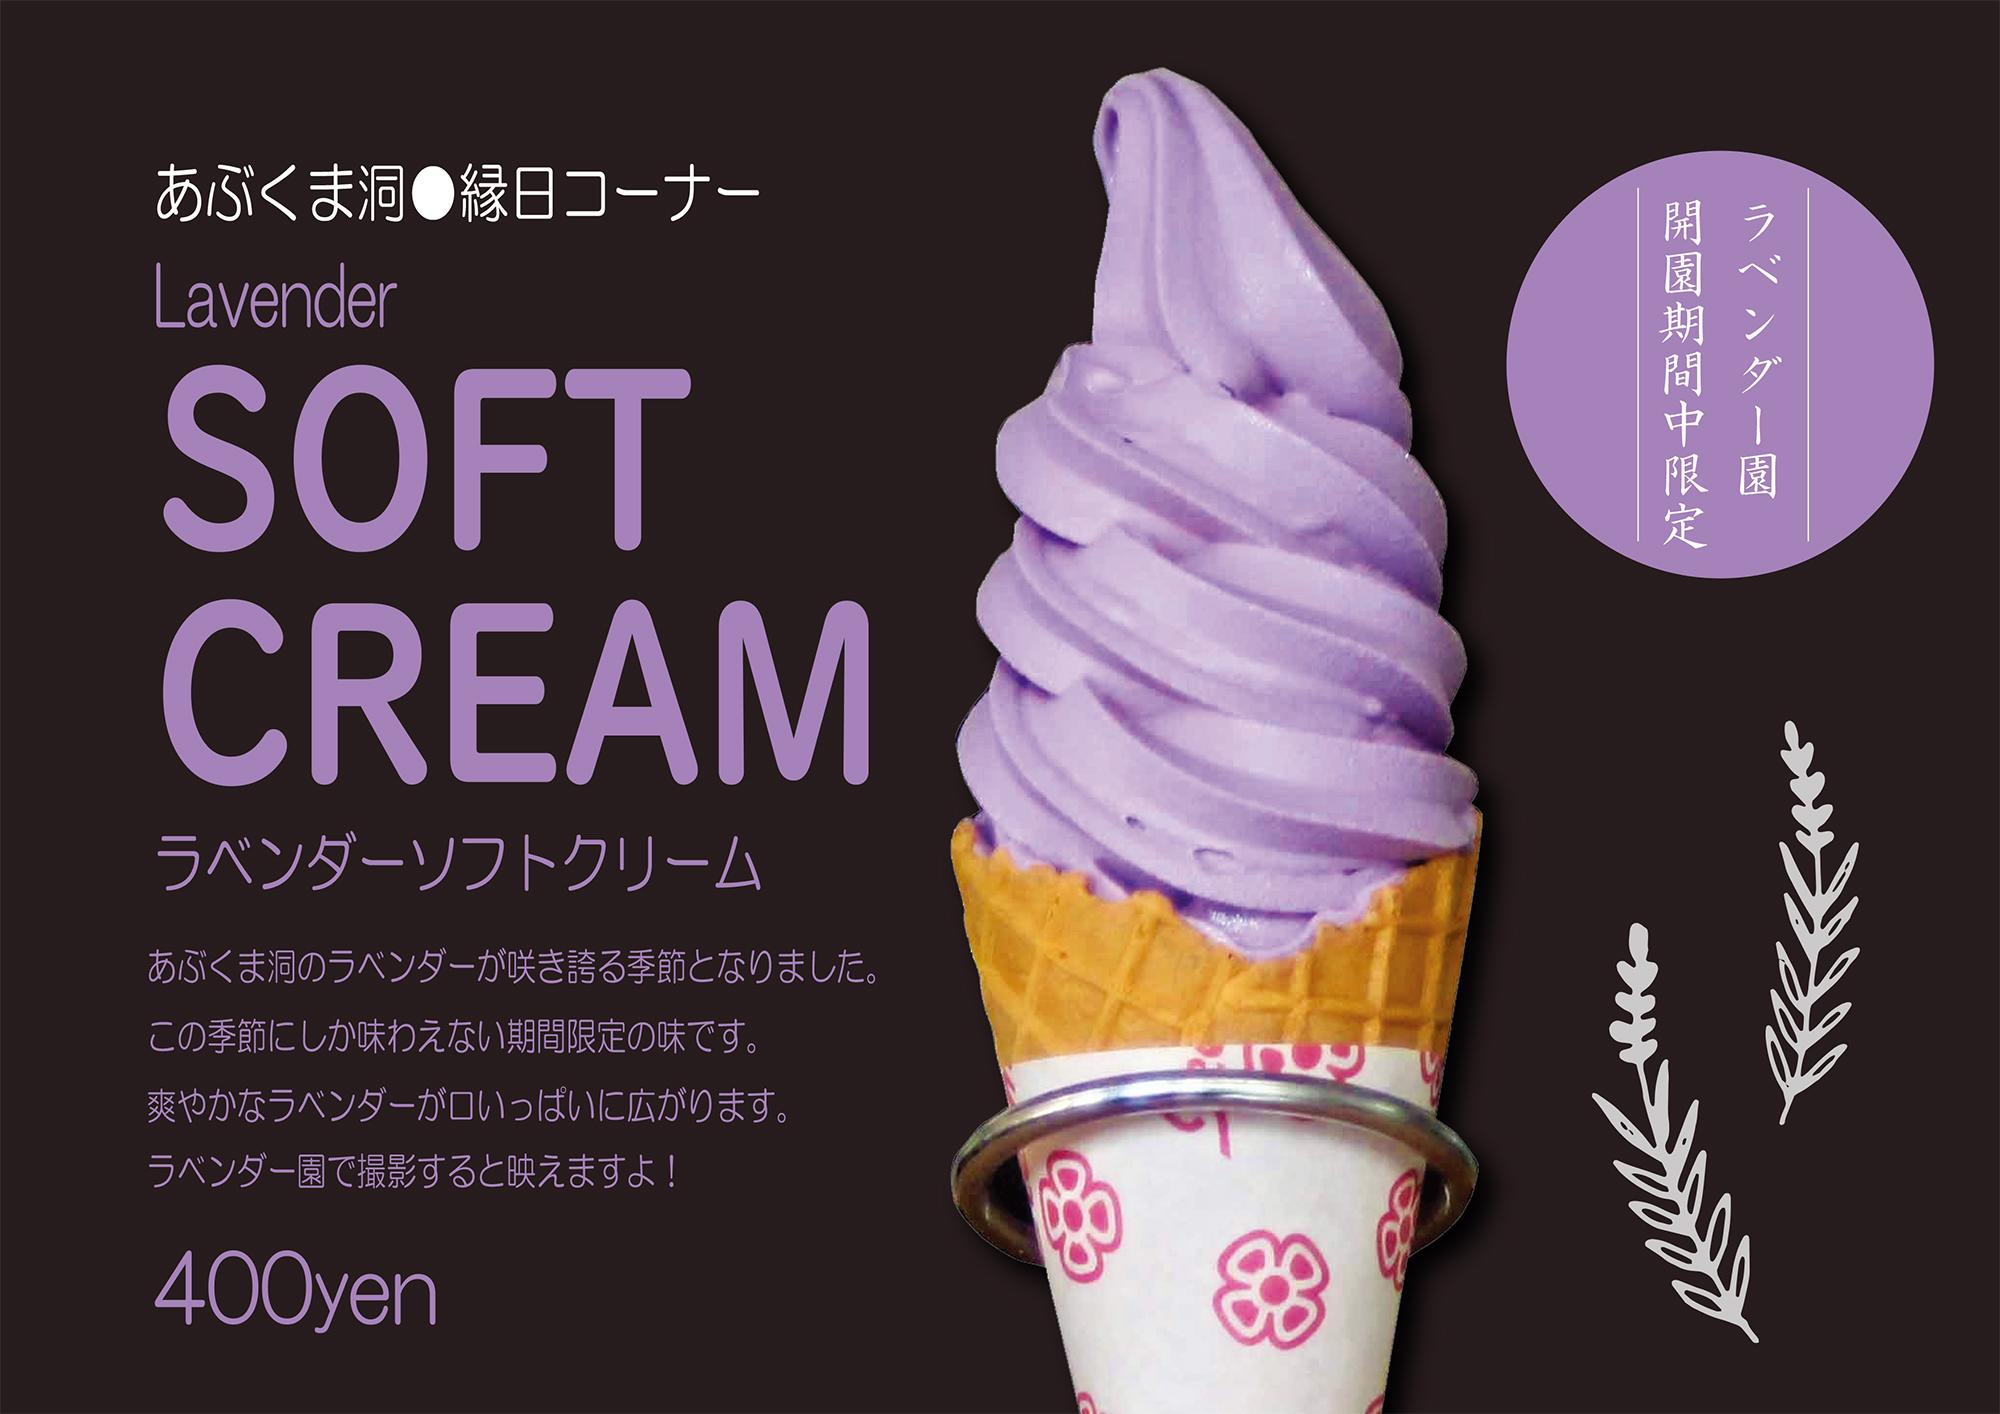 ラベンダーソフトクリームイメージ